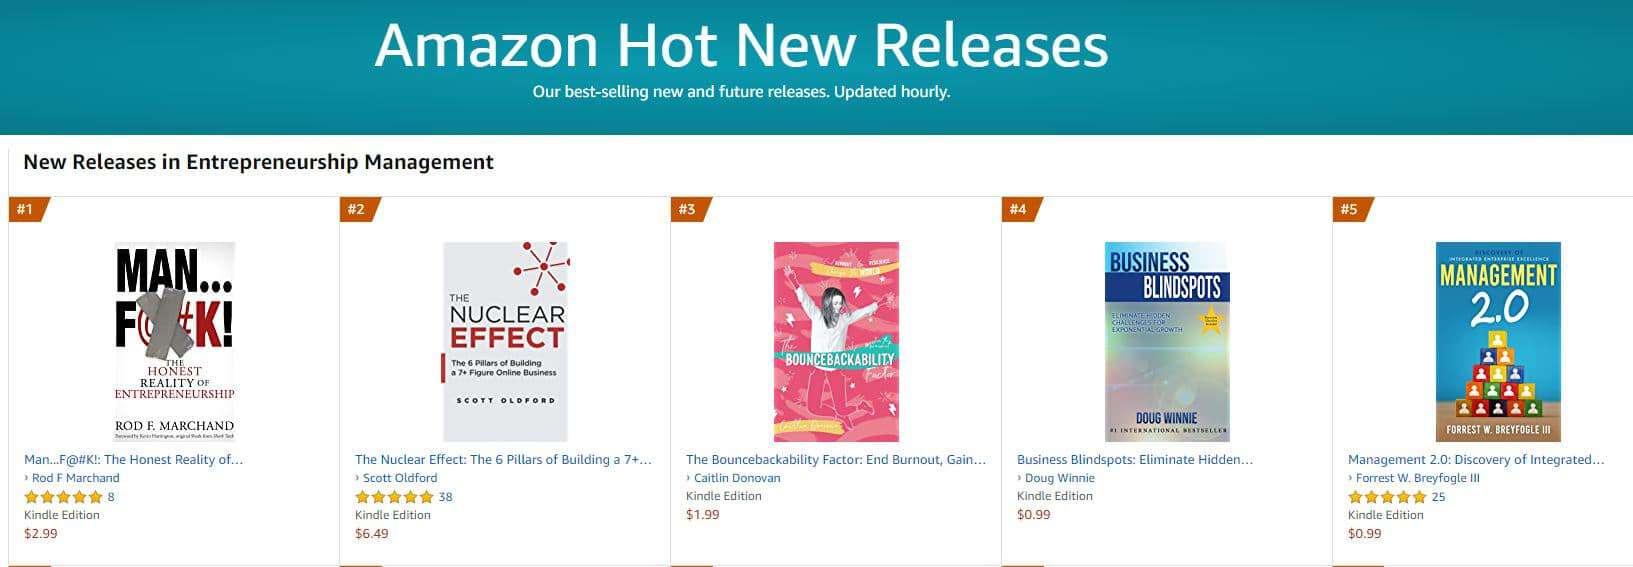 1 hot new release enterpreneurship management 1 | Mindstir Media Book Cover